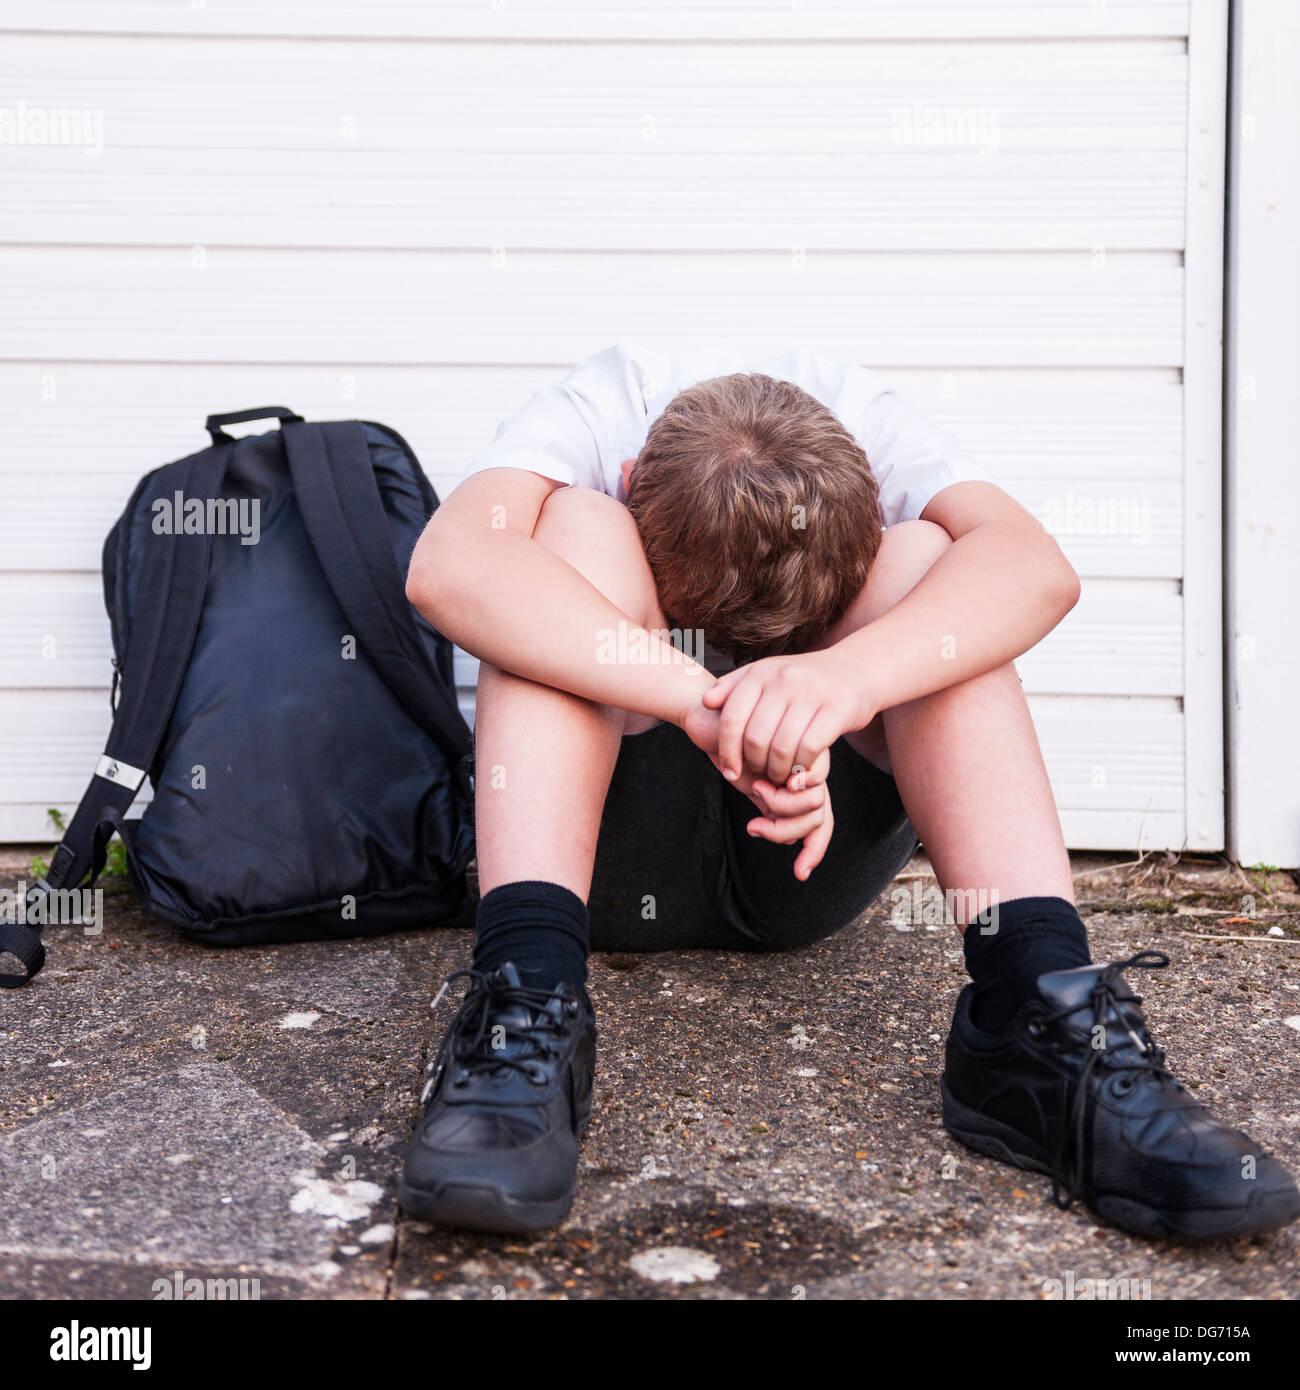 Un ragazzo di 10 guardando triste e depresso nella sua uniforme scolastica che mostra gli effetti di bullismo nel Regno Unito Immagini Stock